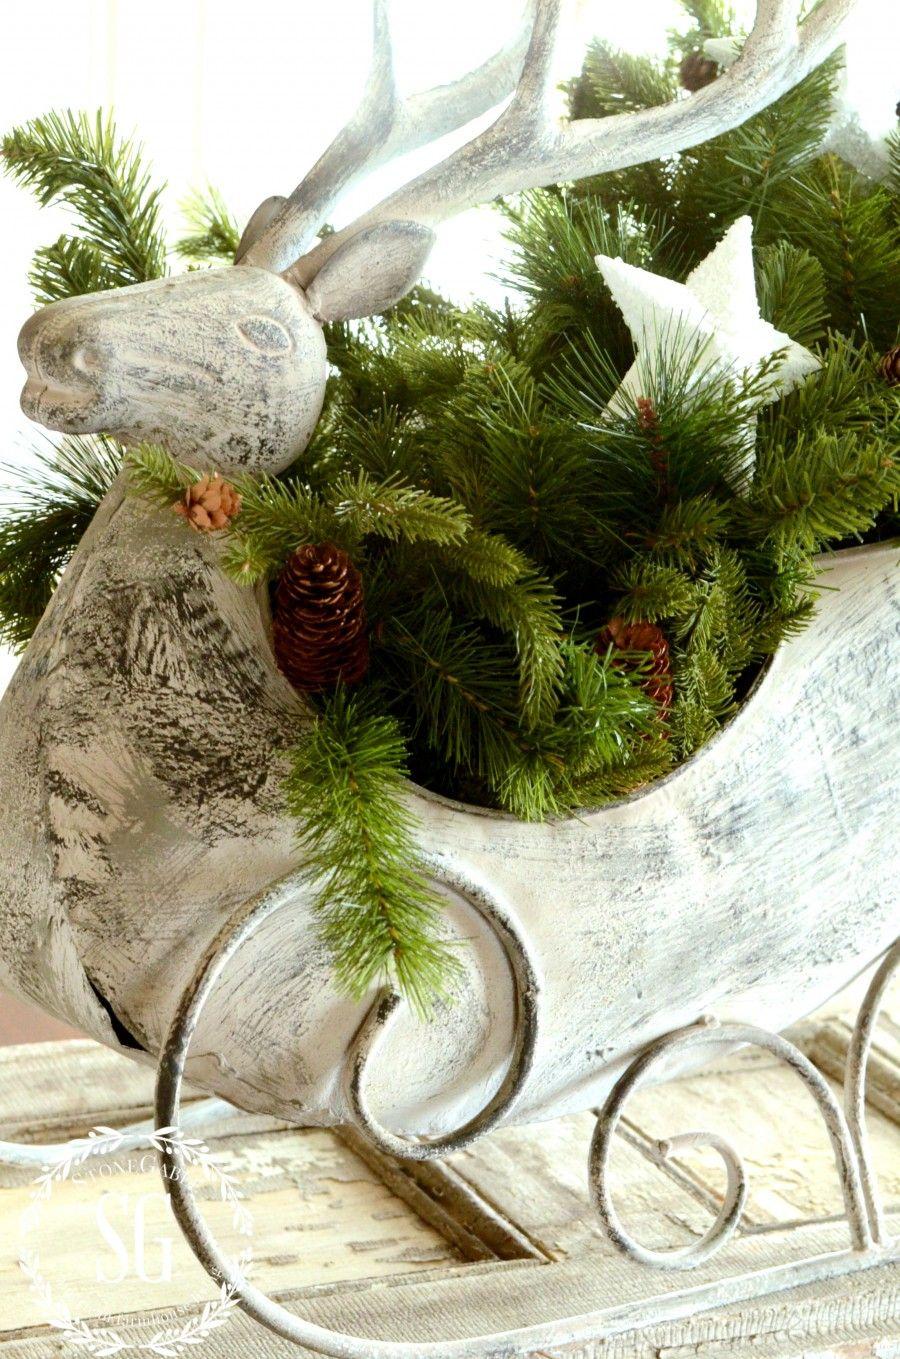 FRENCH INSPIRED CHRISTMAS IN THE DINING ROOM-reinndeer sleigh-greens-stonegableblog.com